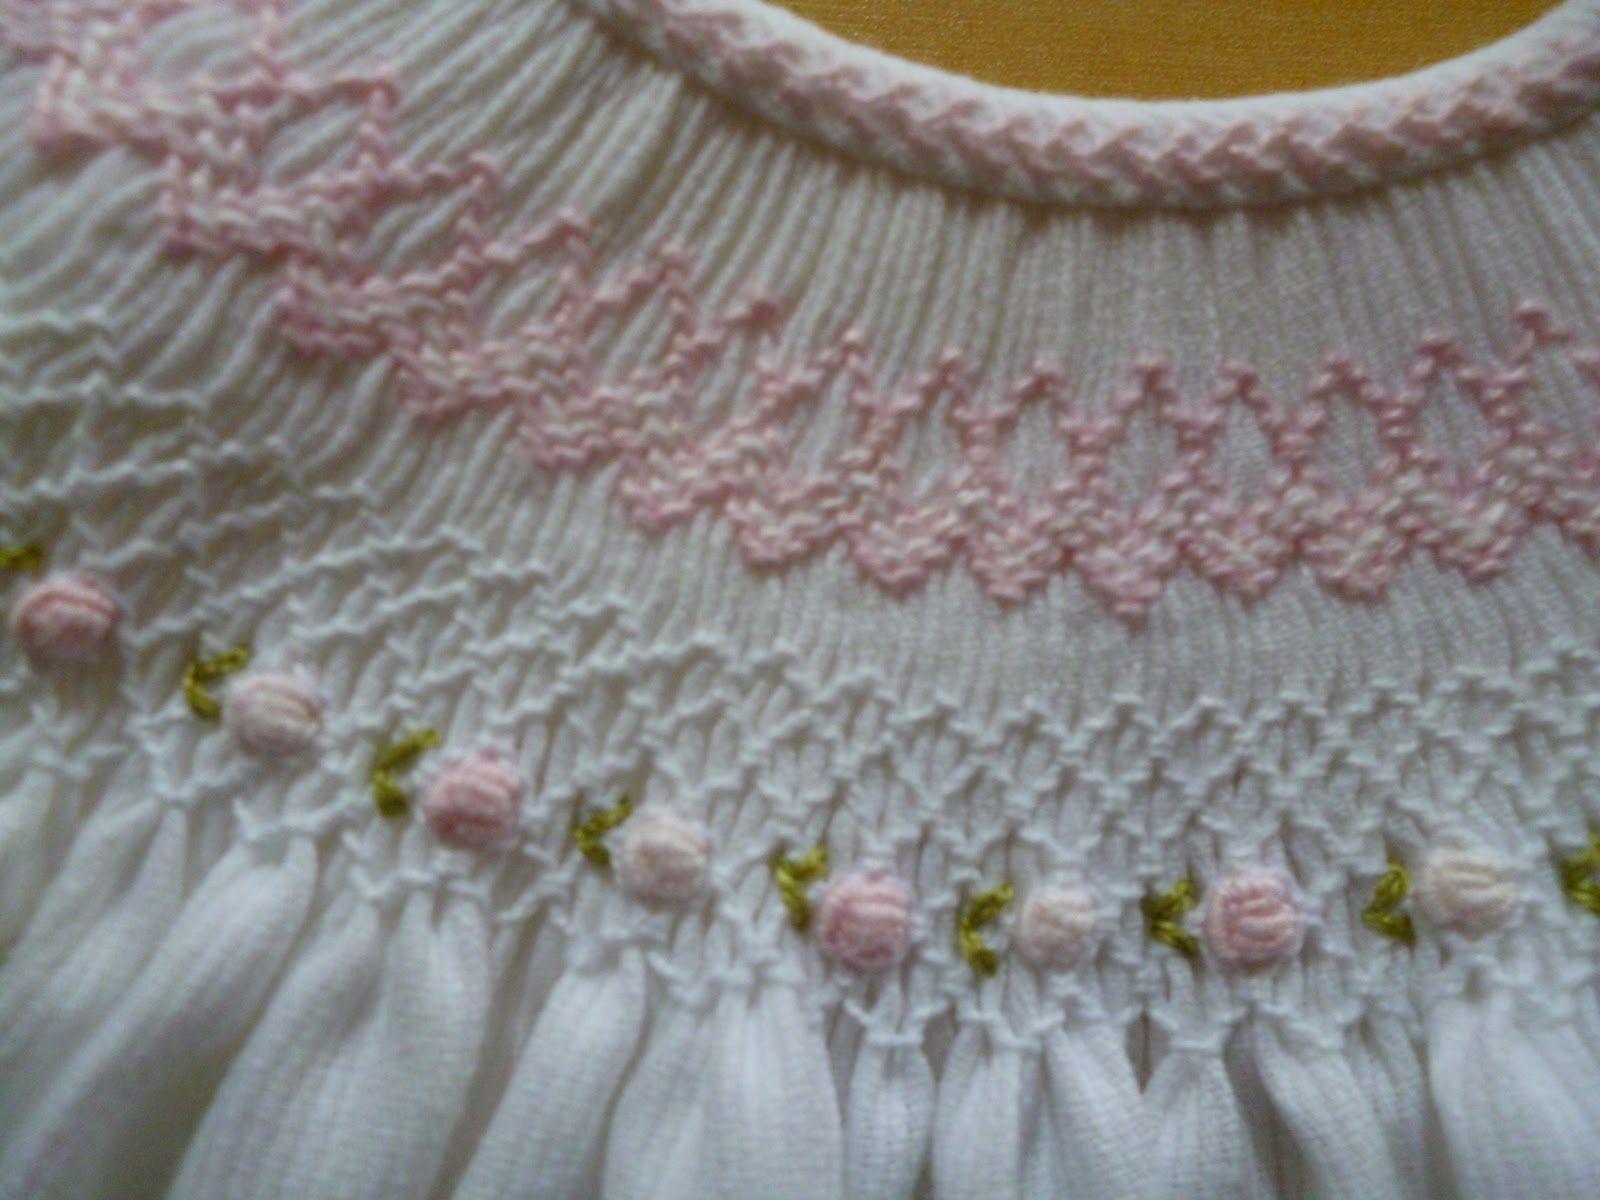 P1000568 Jpg 1600 1200 Smocking Patterns Smocking Smocked Baby Clothes